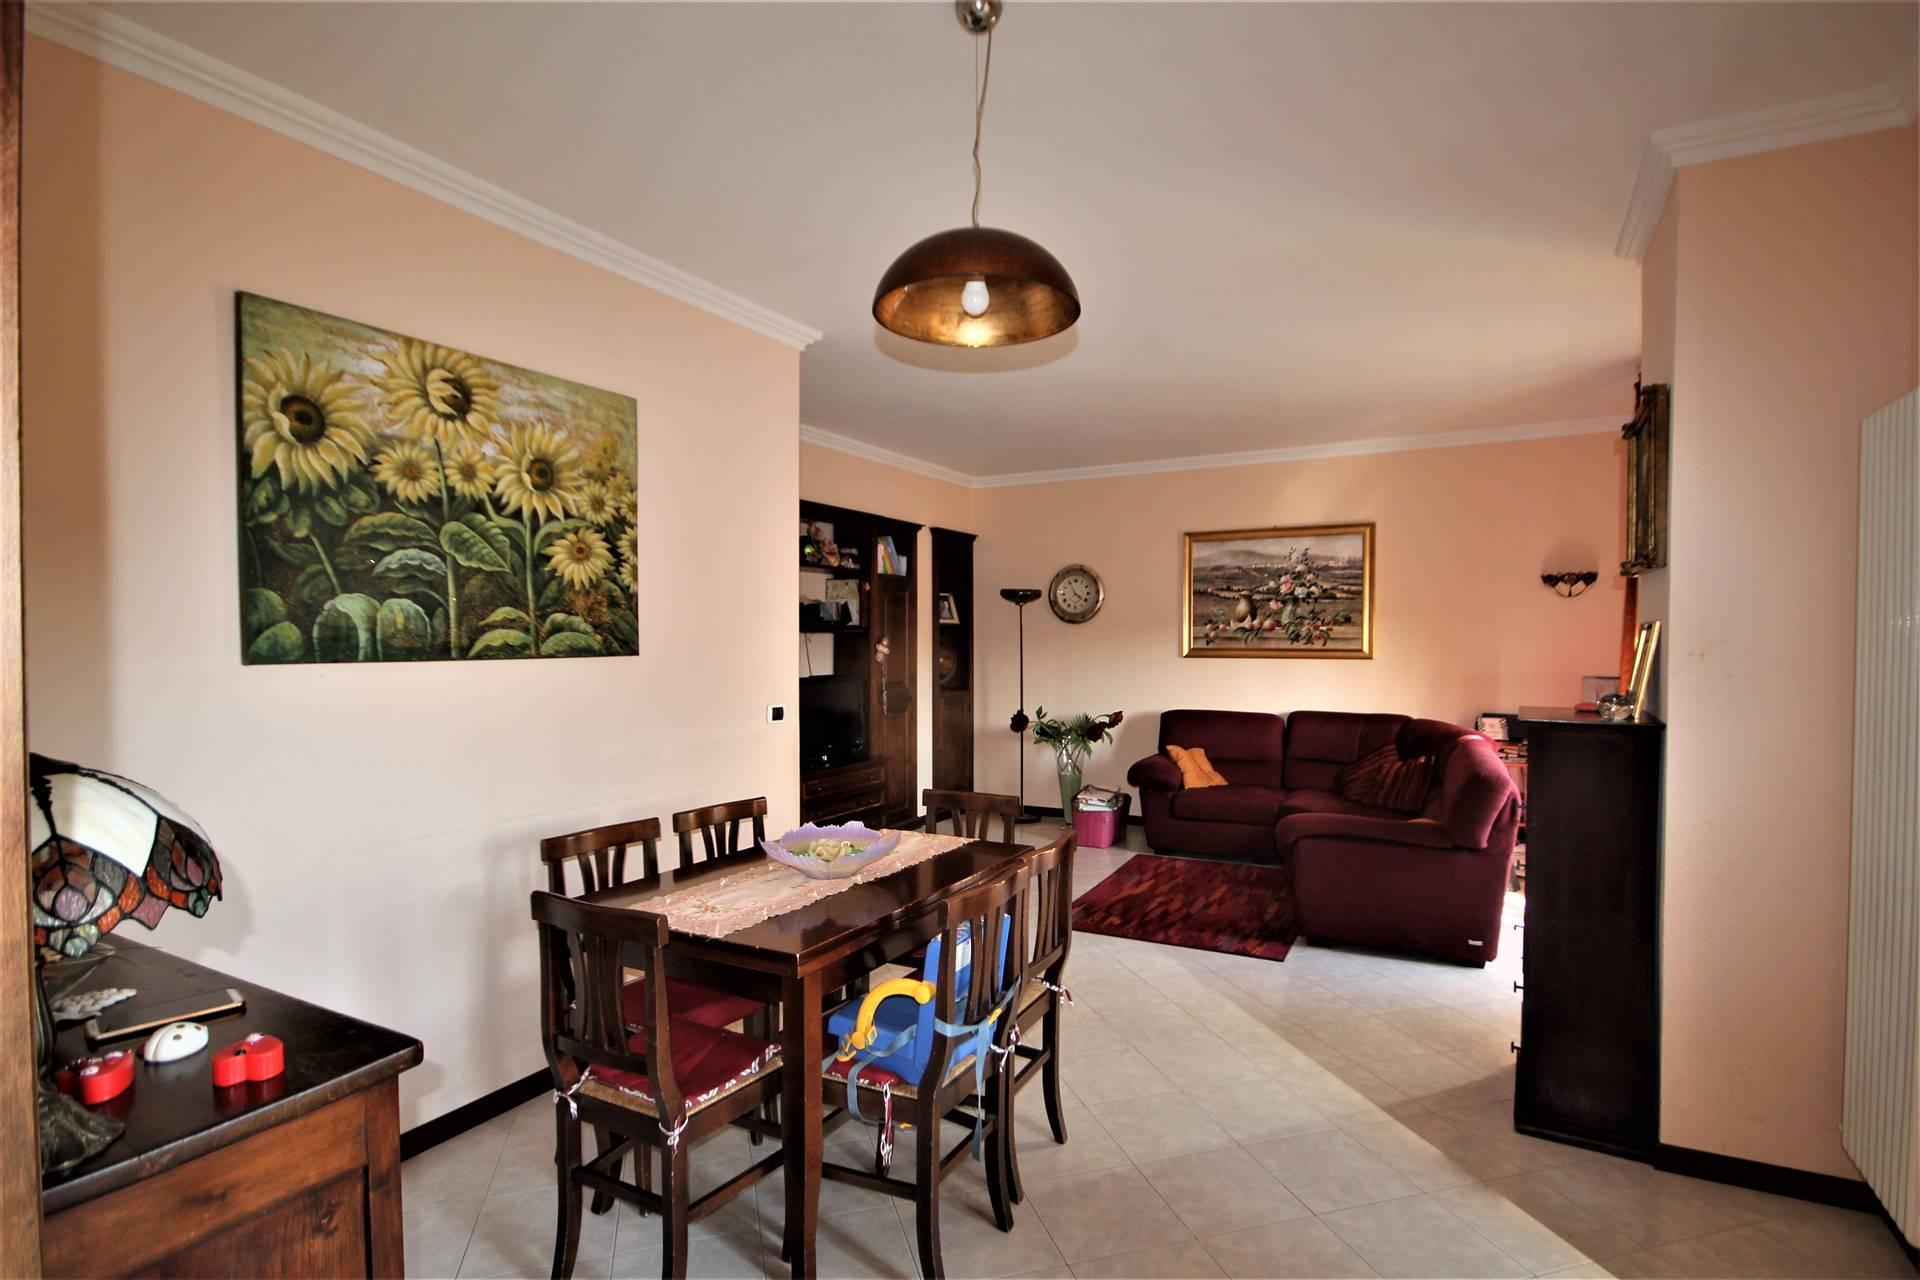 Appartamento in vendita a Fabro, 5 locali, zona Zona: Fabro Scalo, prezzo € 115.000   CambioCasa.it